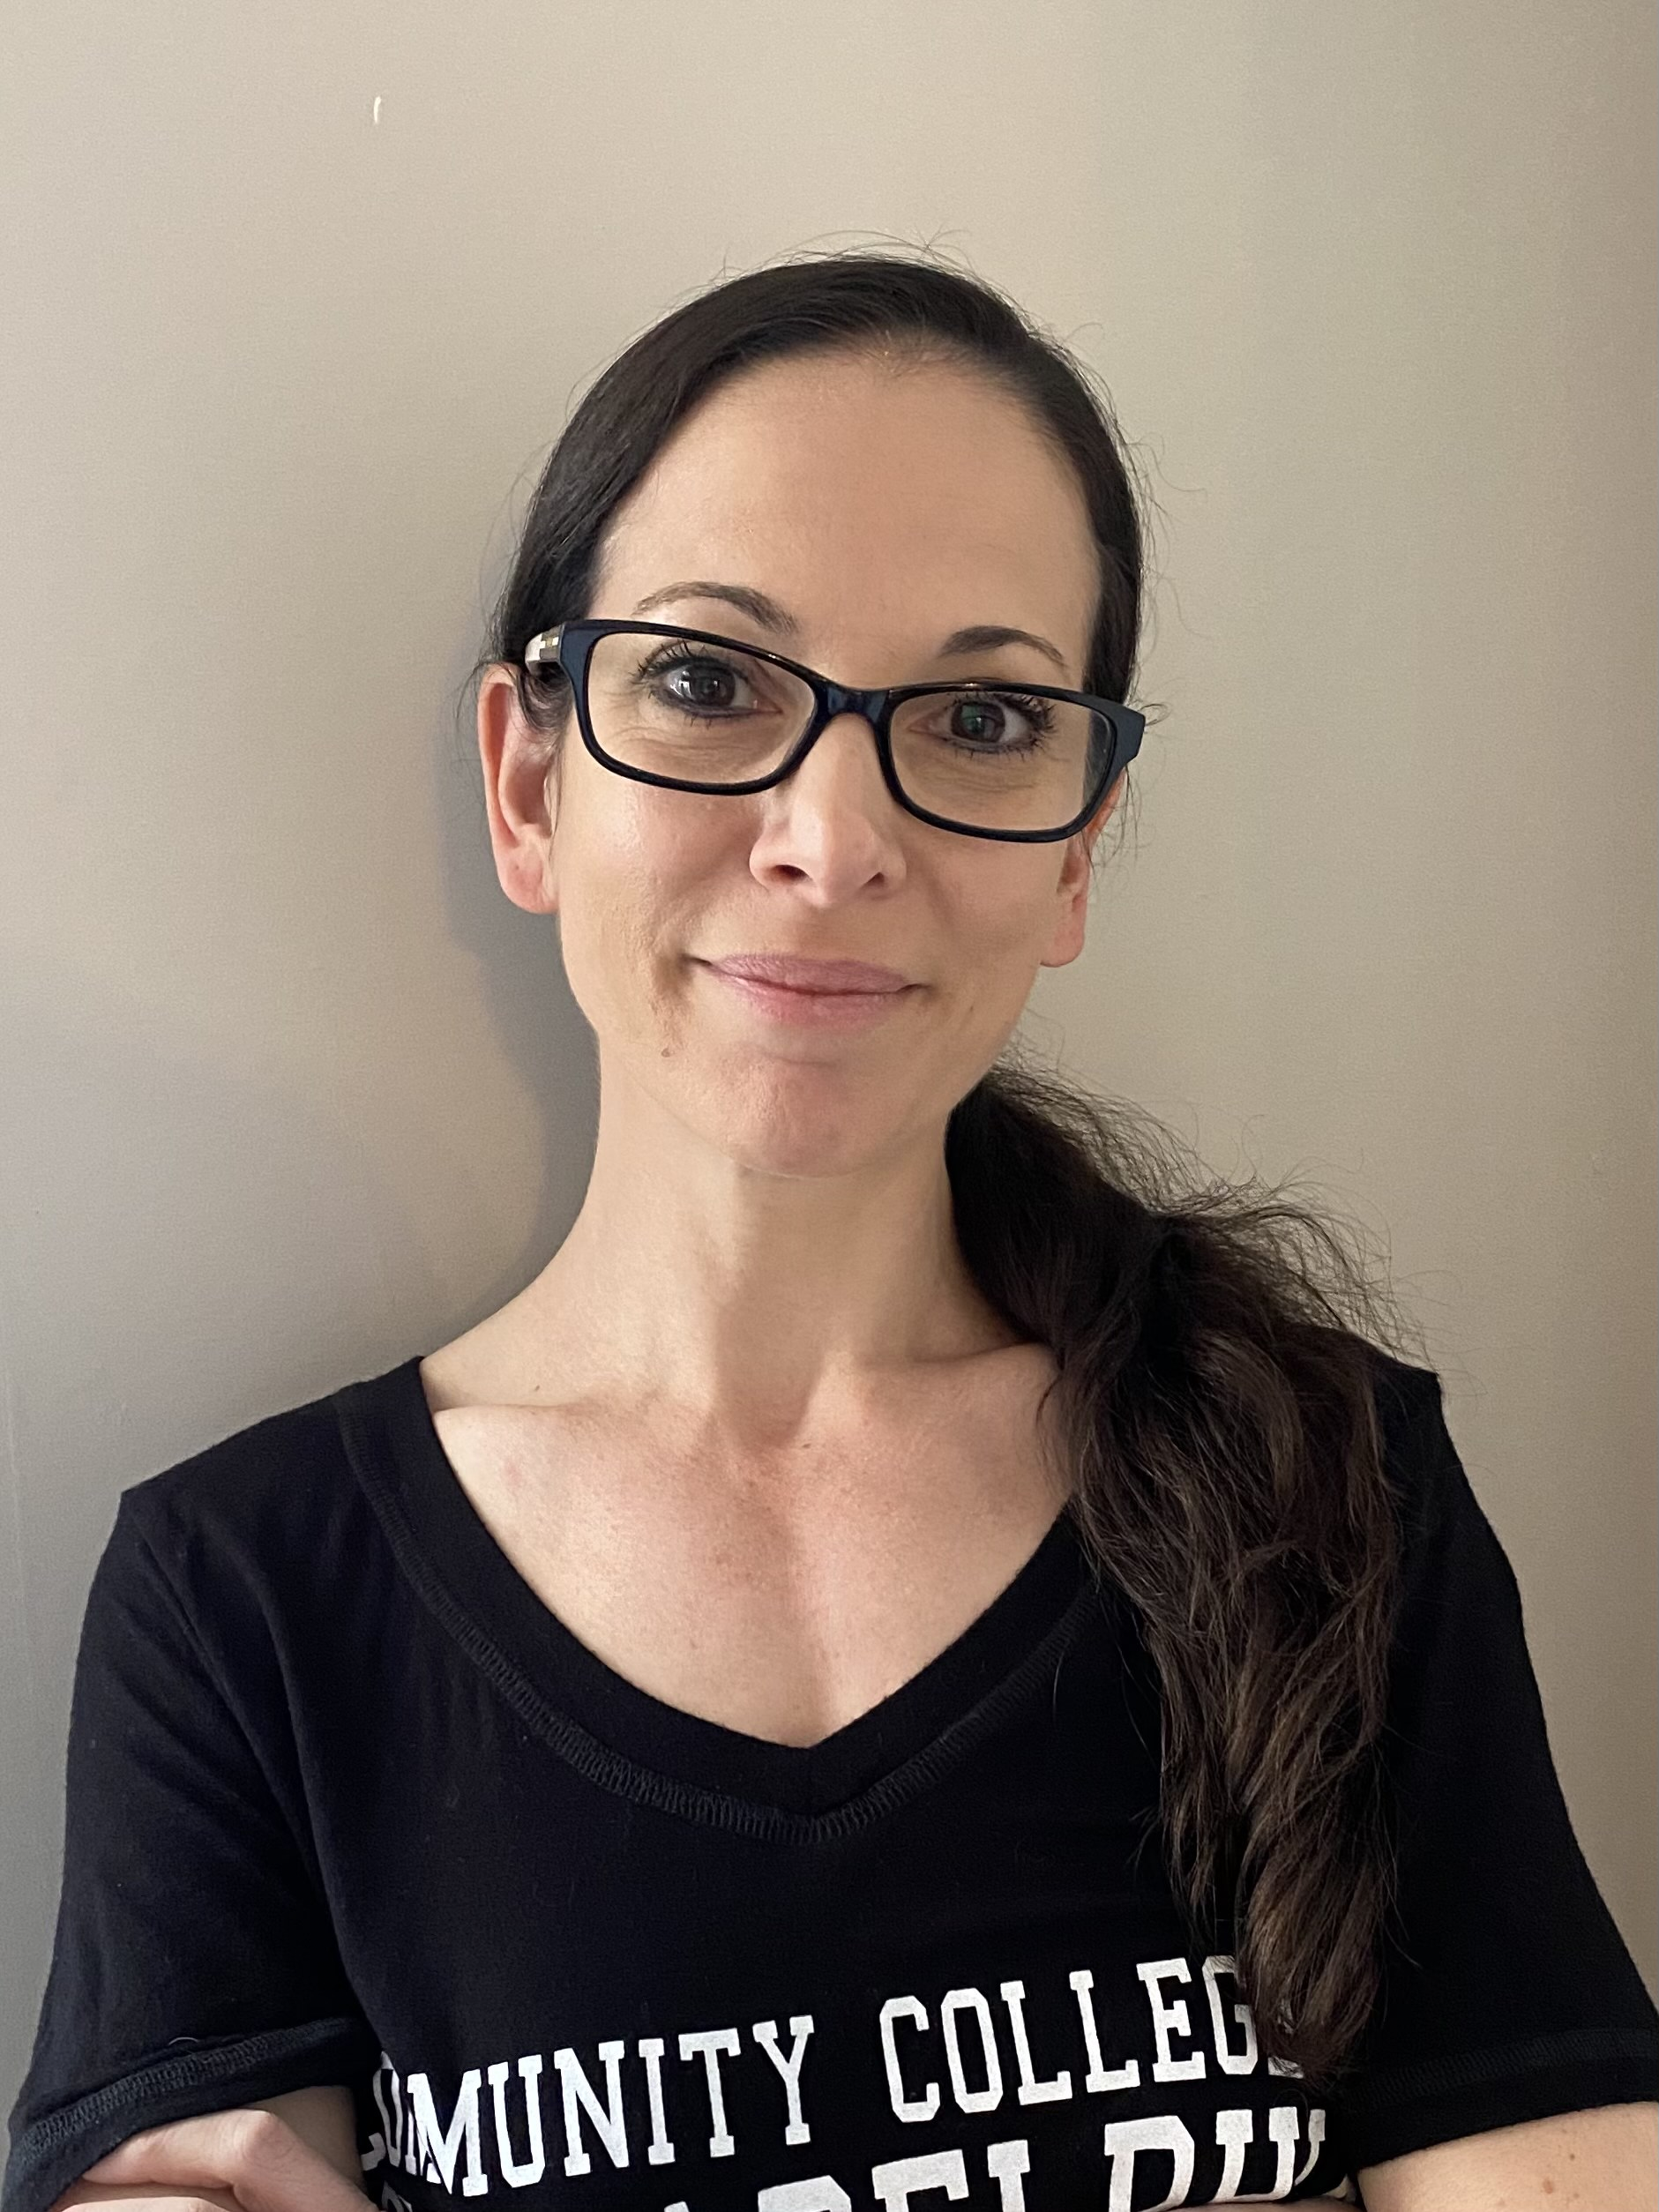 Lauren Ferri